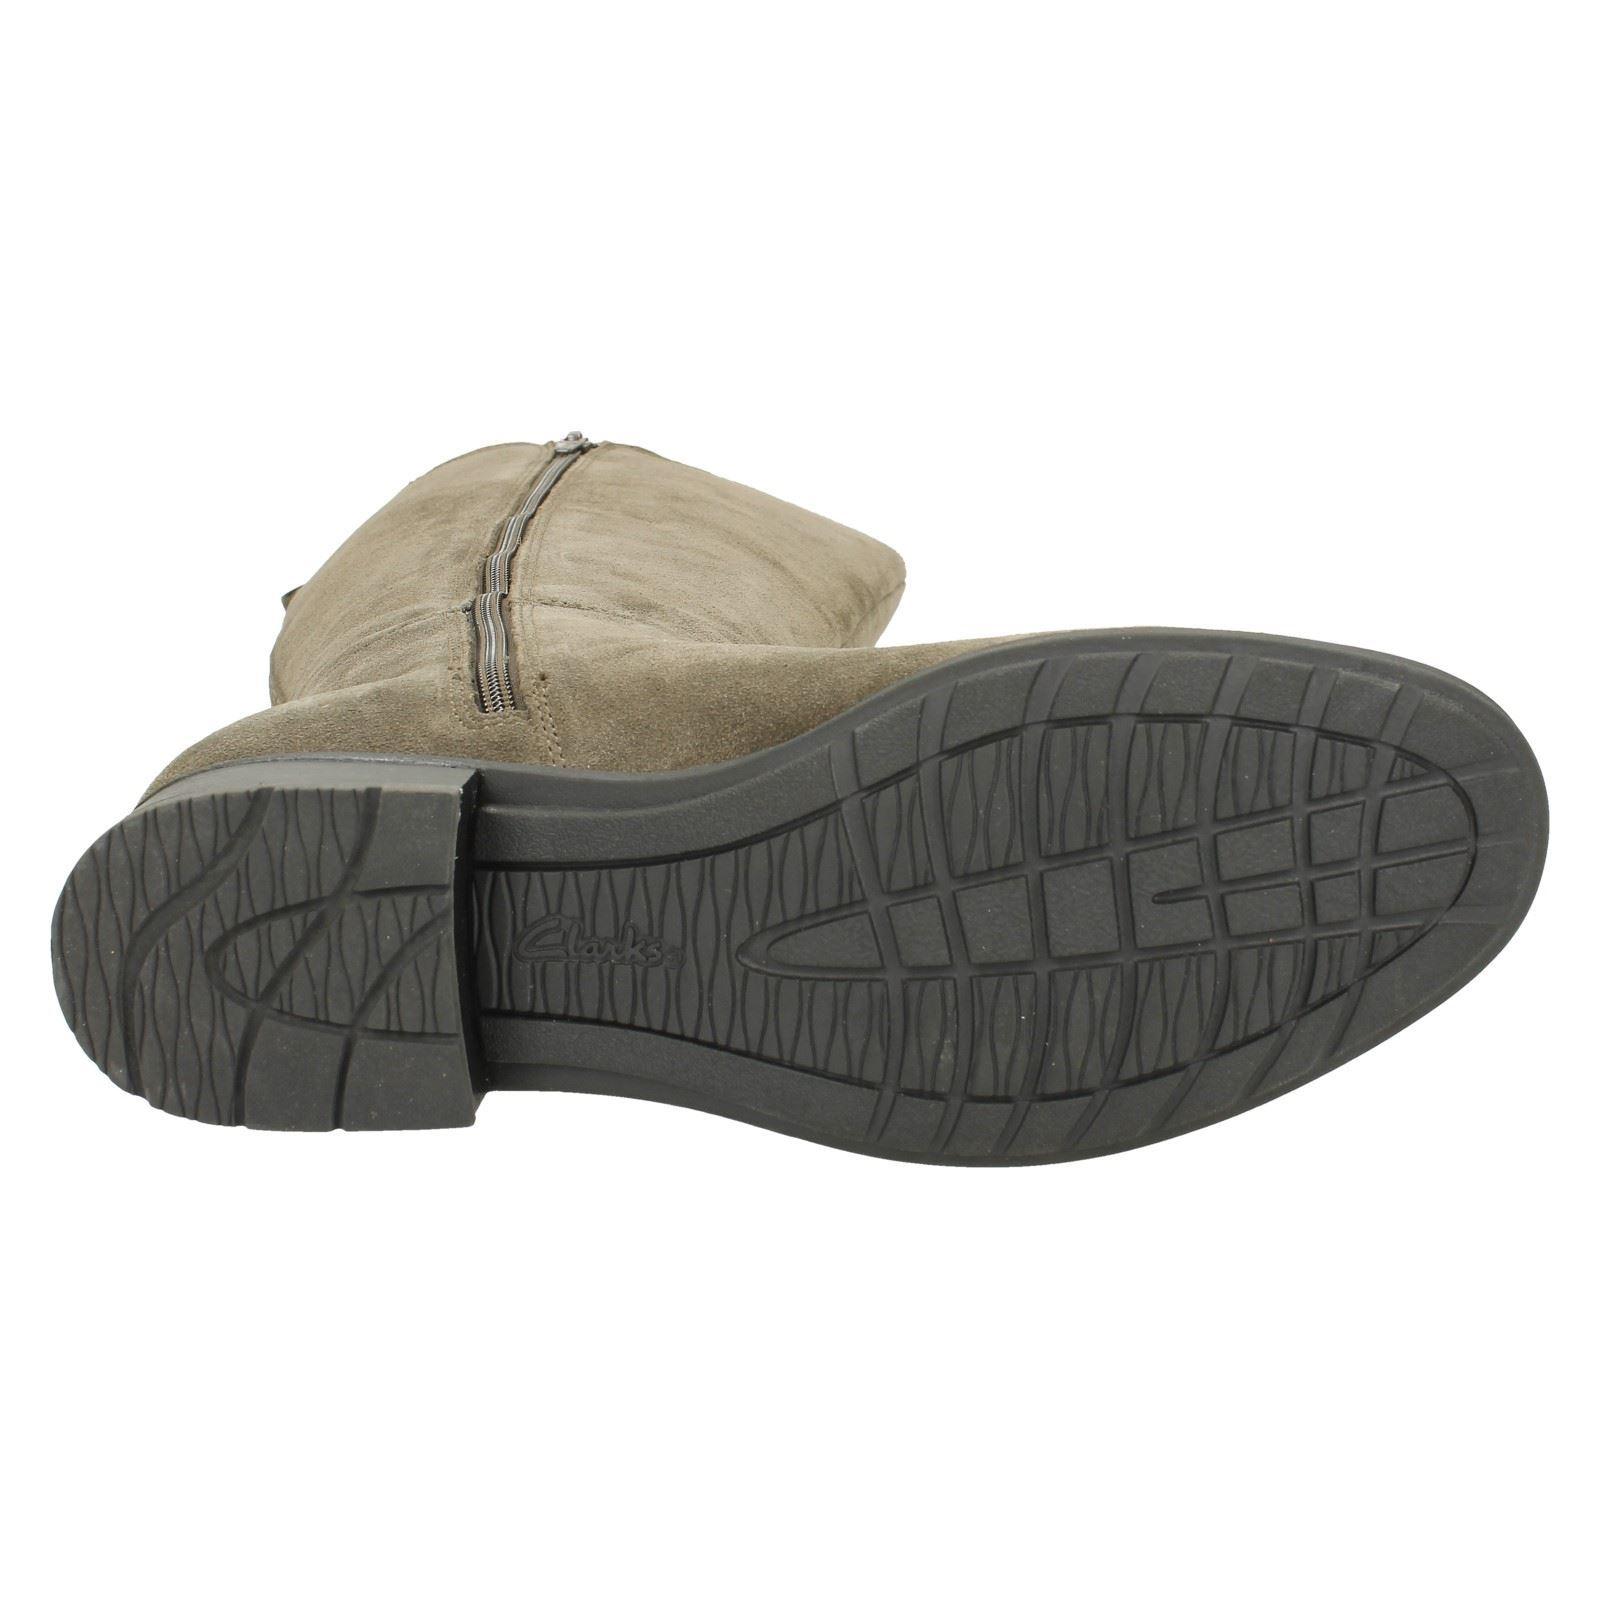 Sandali Donna Gail Clarks Smart Stivali Alti Etichetta-verlie Gail Donna 9b8e86